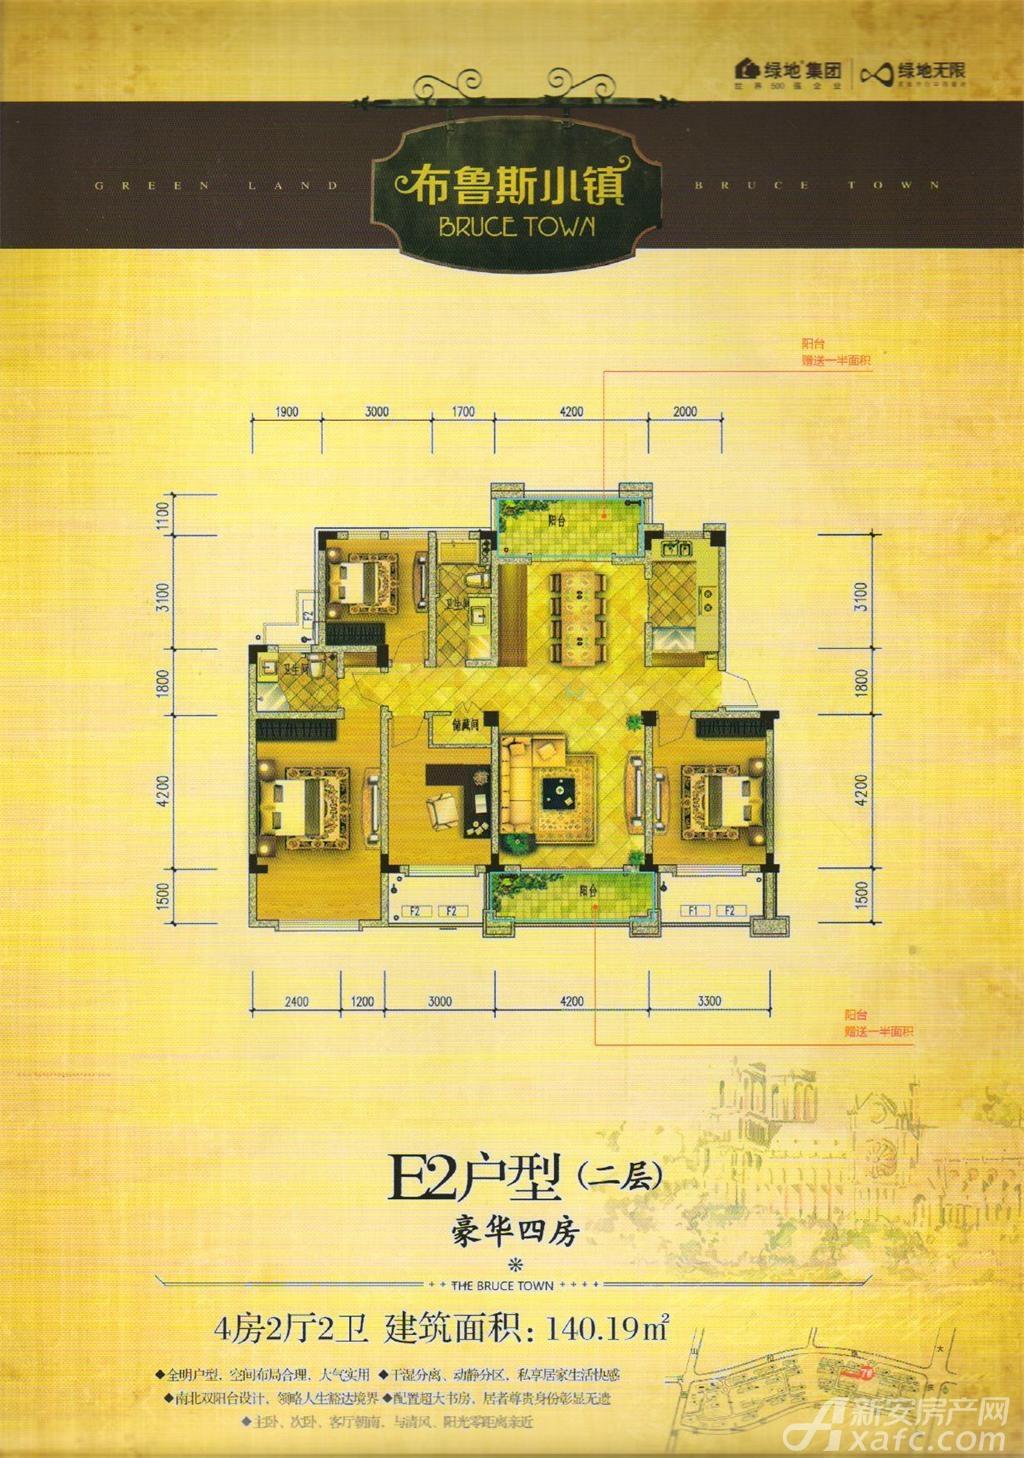 绿地世纪城绿地世纪城E2户型4室2厅140.19平米